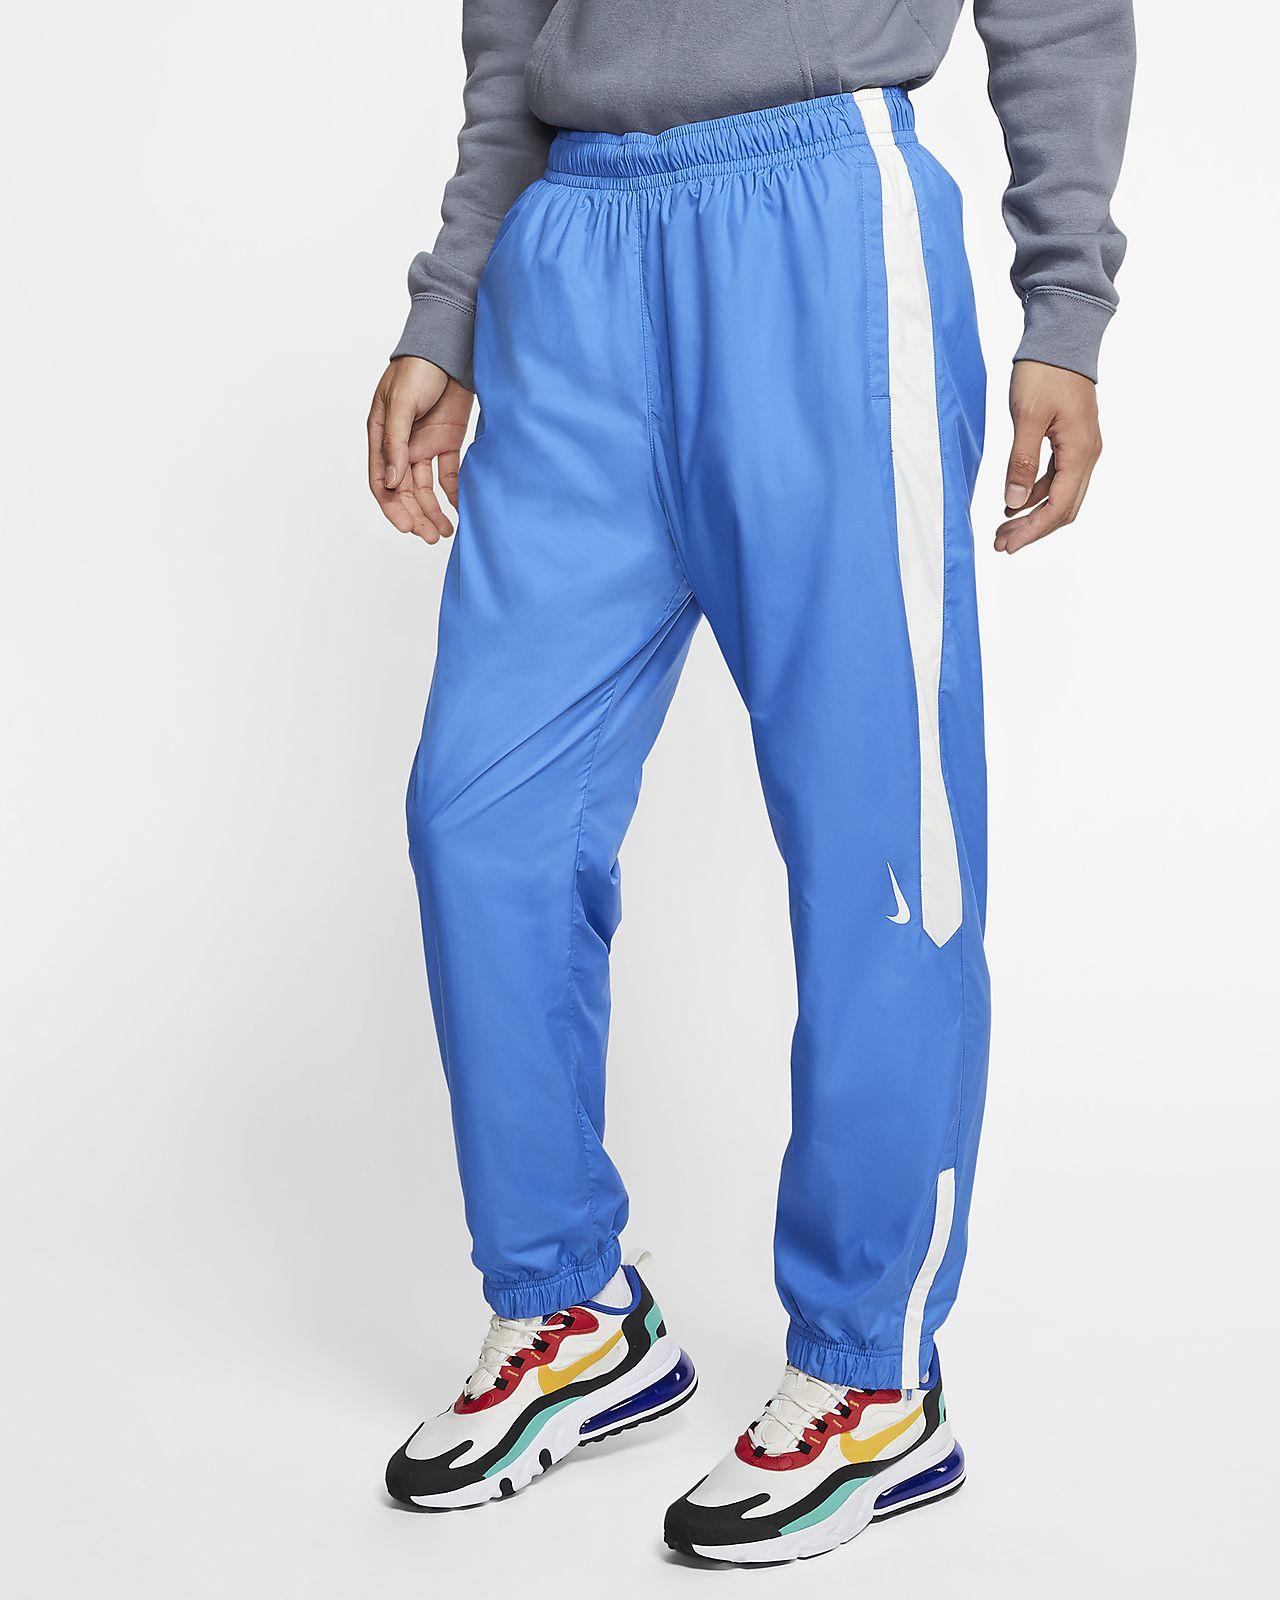 Nike SB Shield Pantalón deportivo de skateboard con Swoosh - Hombre